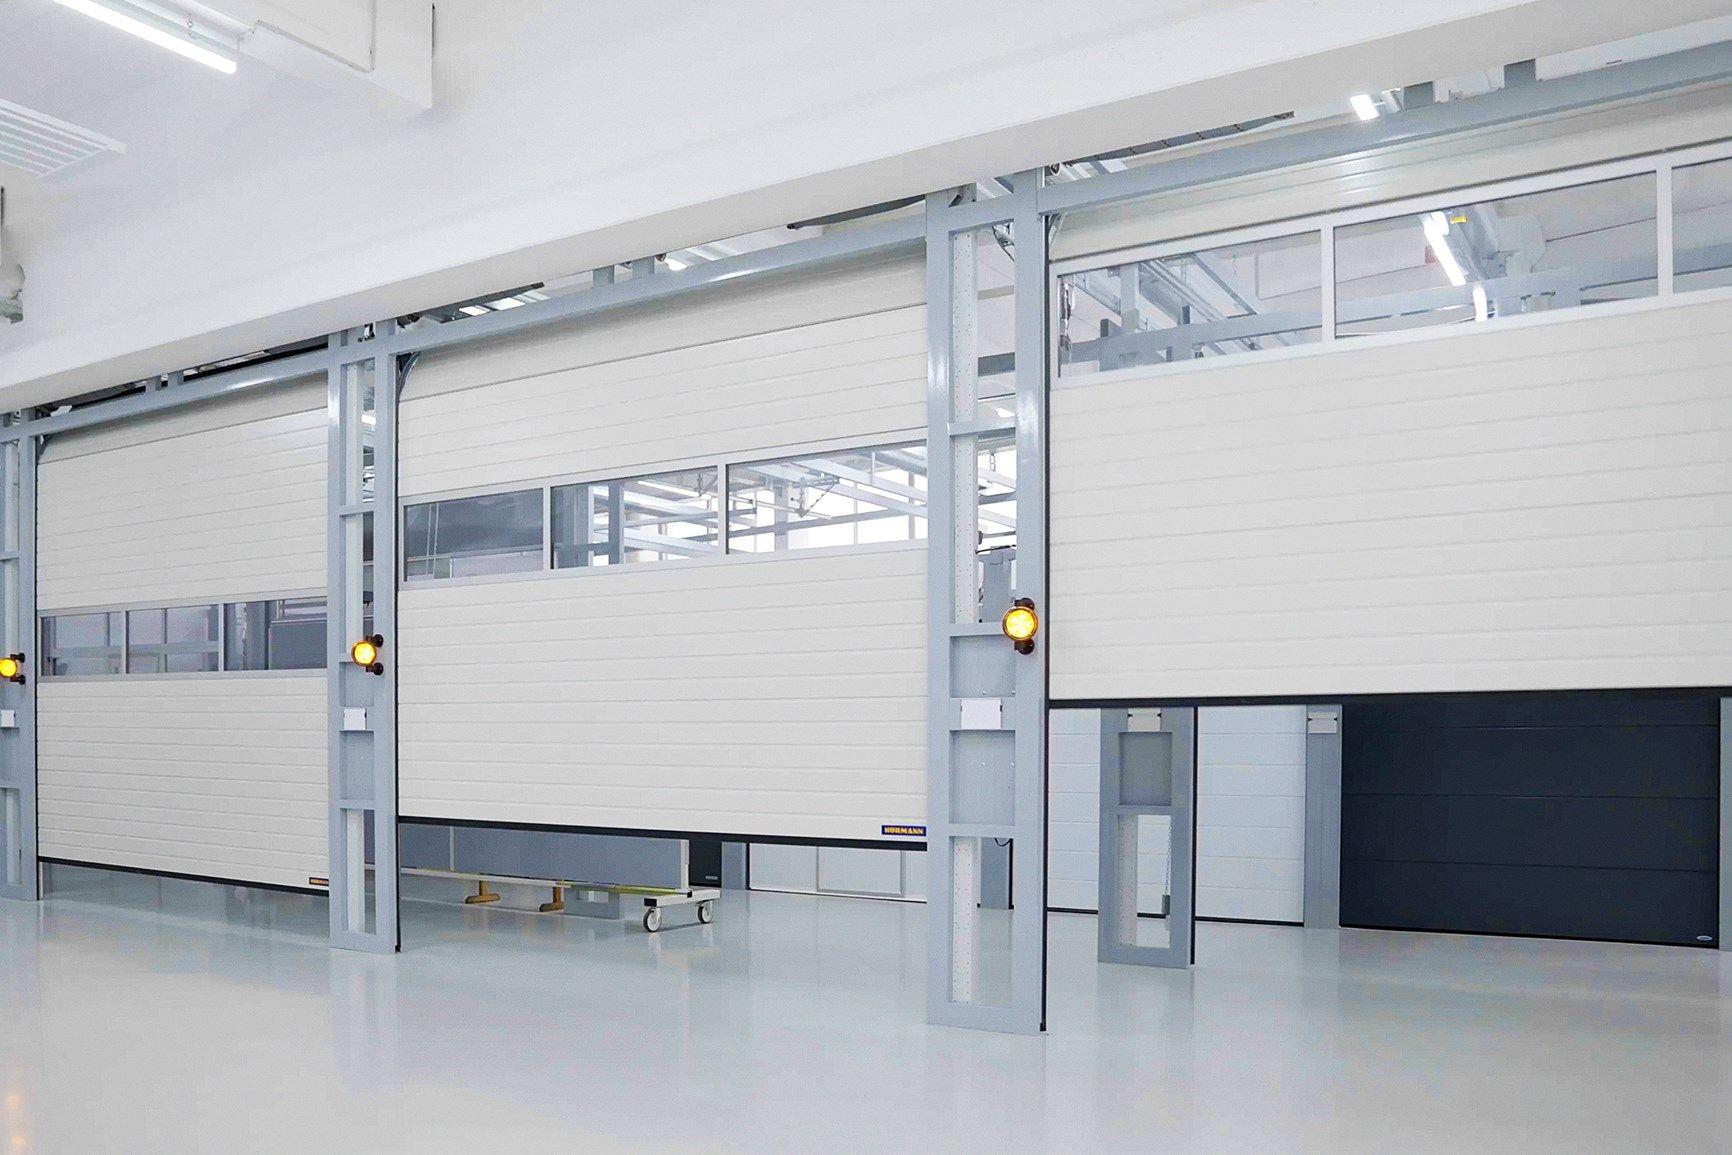 Nuova Serie 60 Hörmann: portoni sezionali industriali ancor più veloci, sicuri e smart